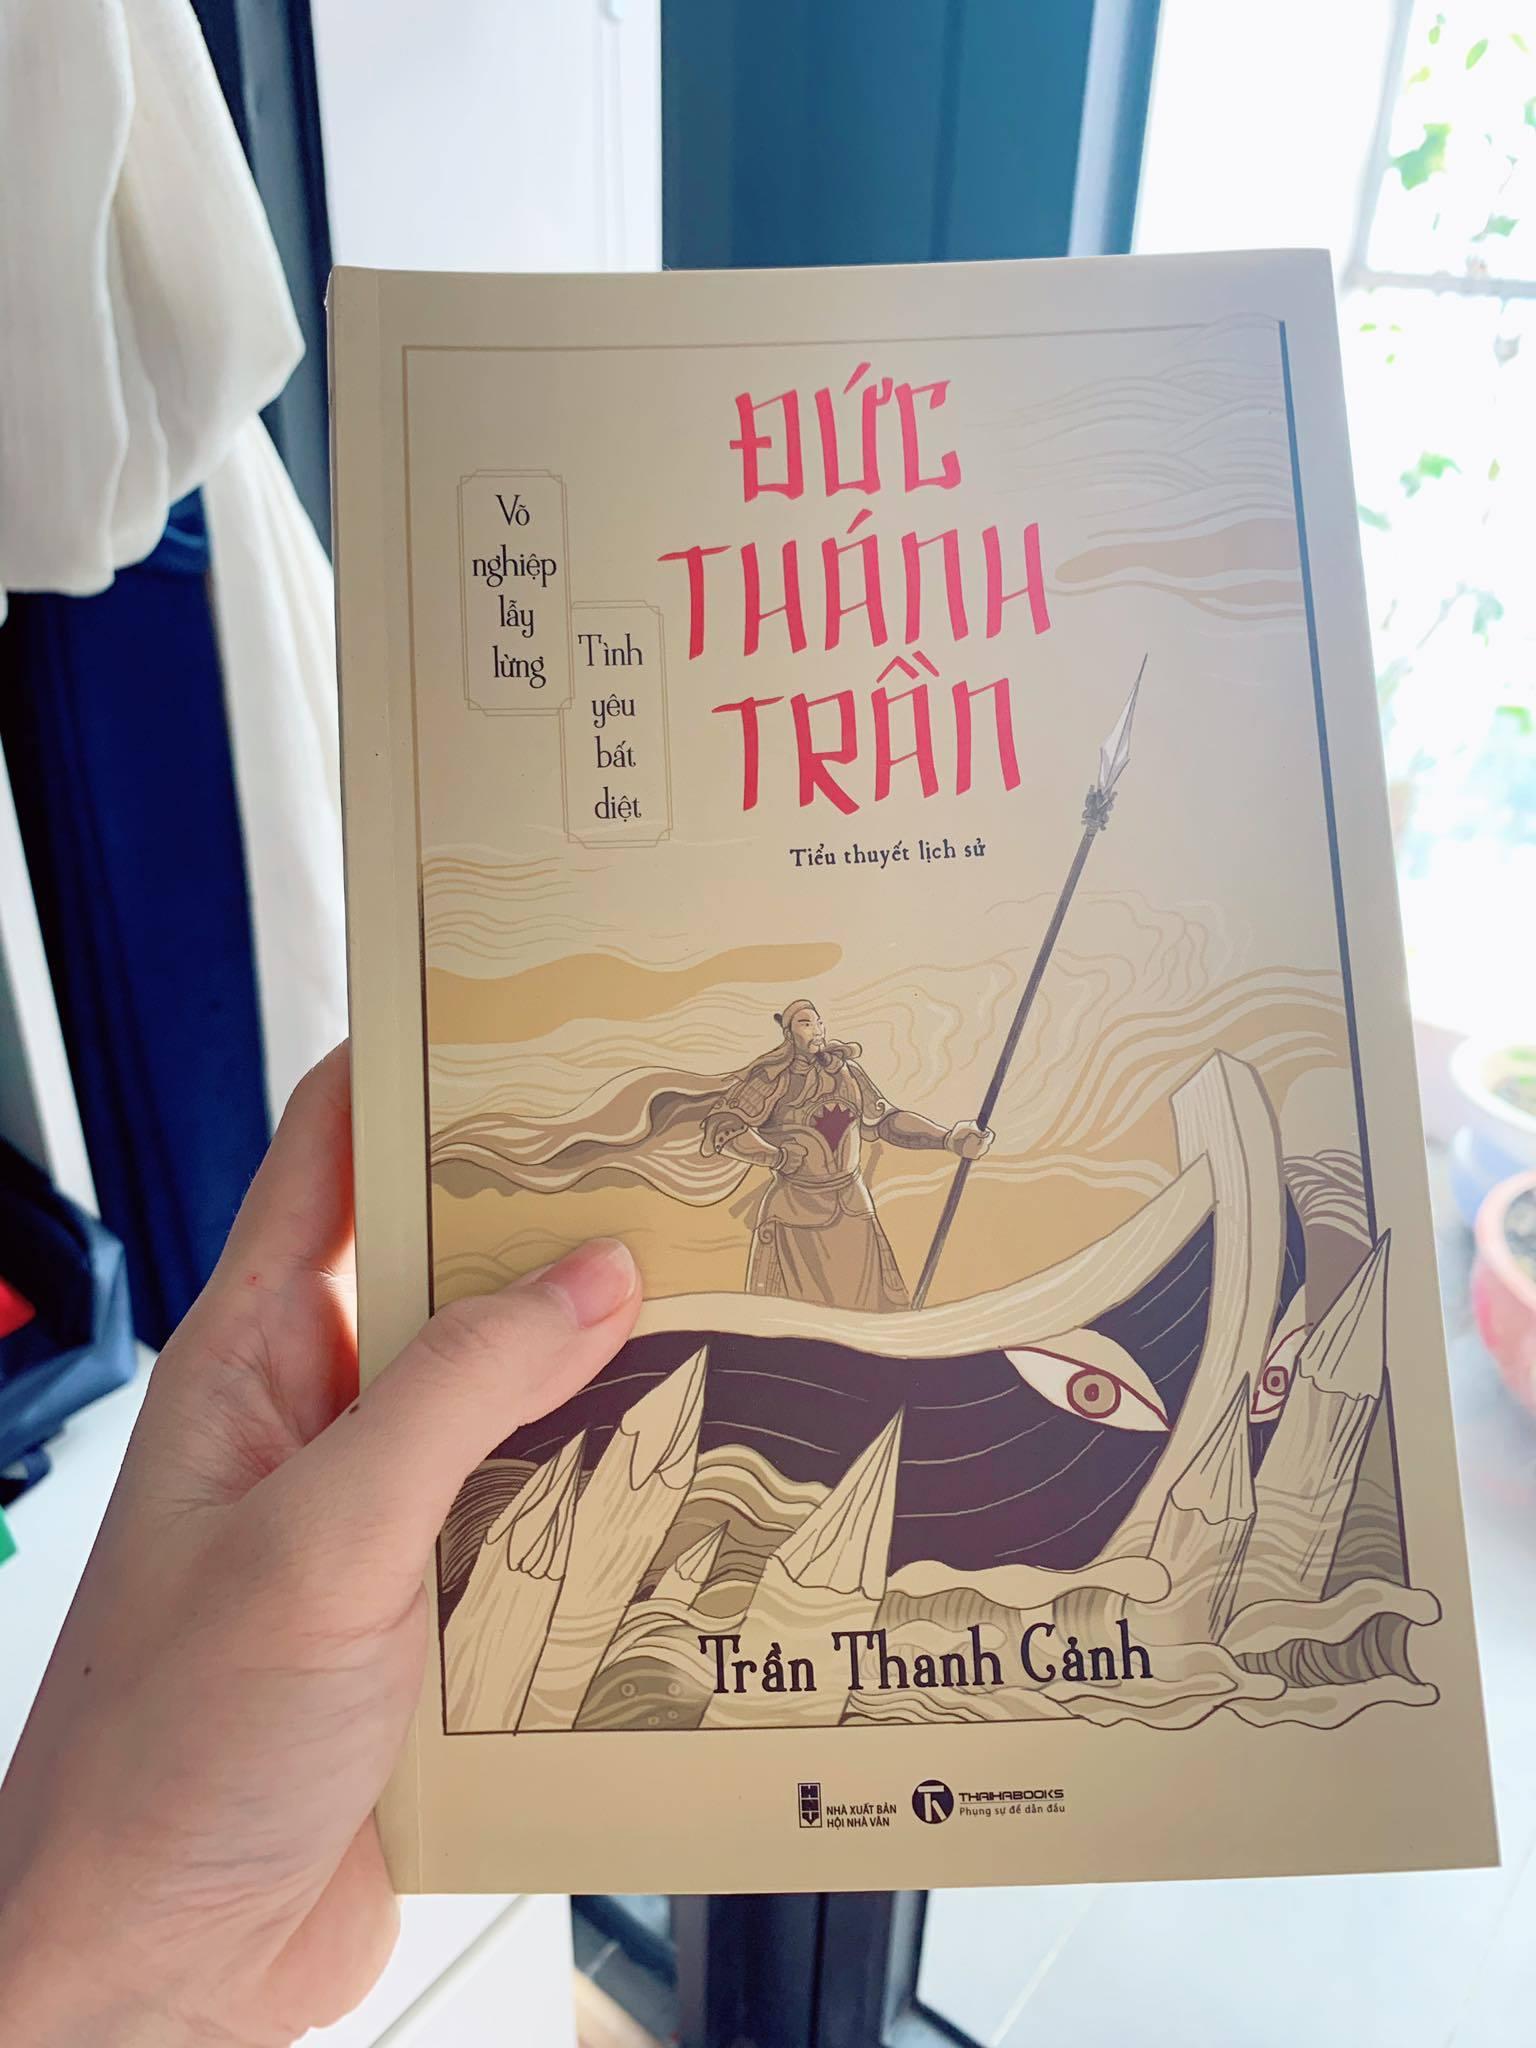 Bất ngờ với những đầu sách mà diễn viên Bảo Thanh thích đọc